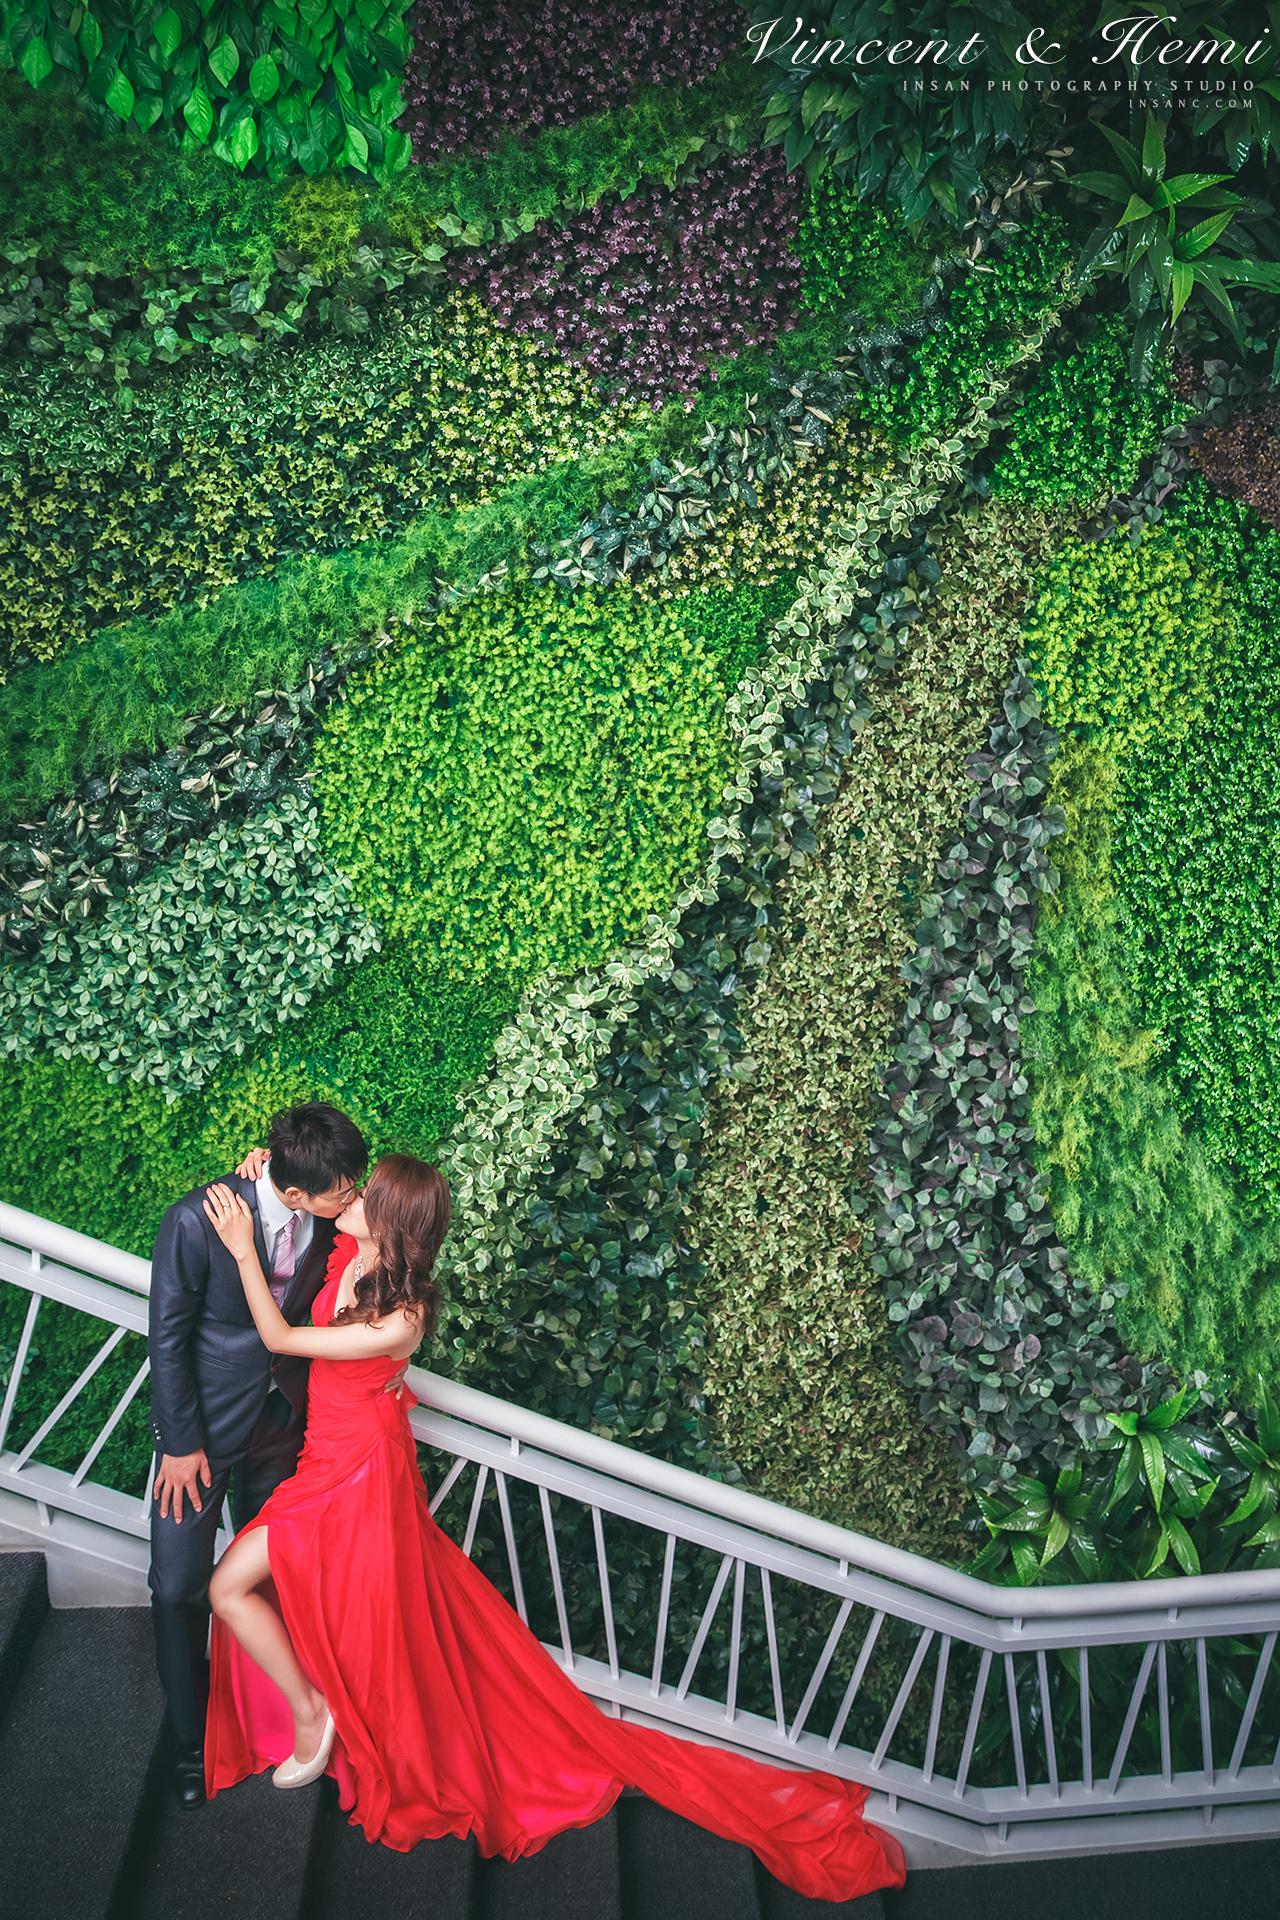 婚禮 婚攝 婚禮記錄 c'e2 自助婚紗 婚攝英聖中壢香江匯綠色陽光下的浪漫1920